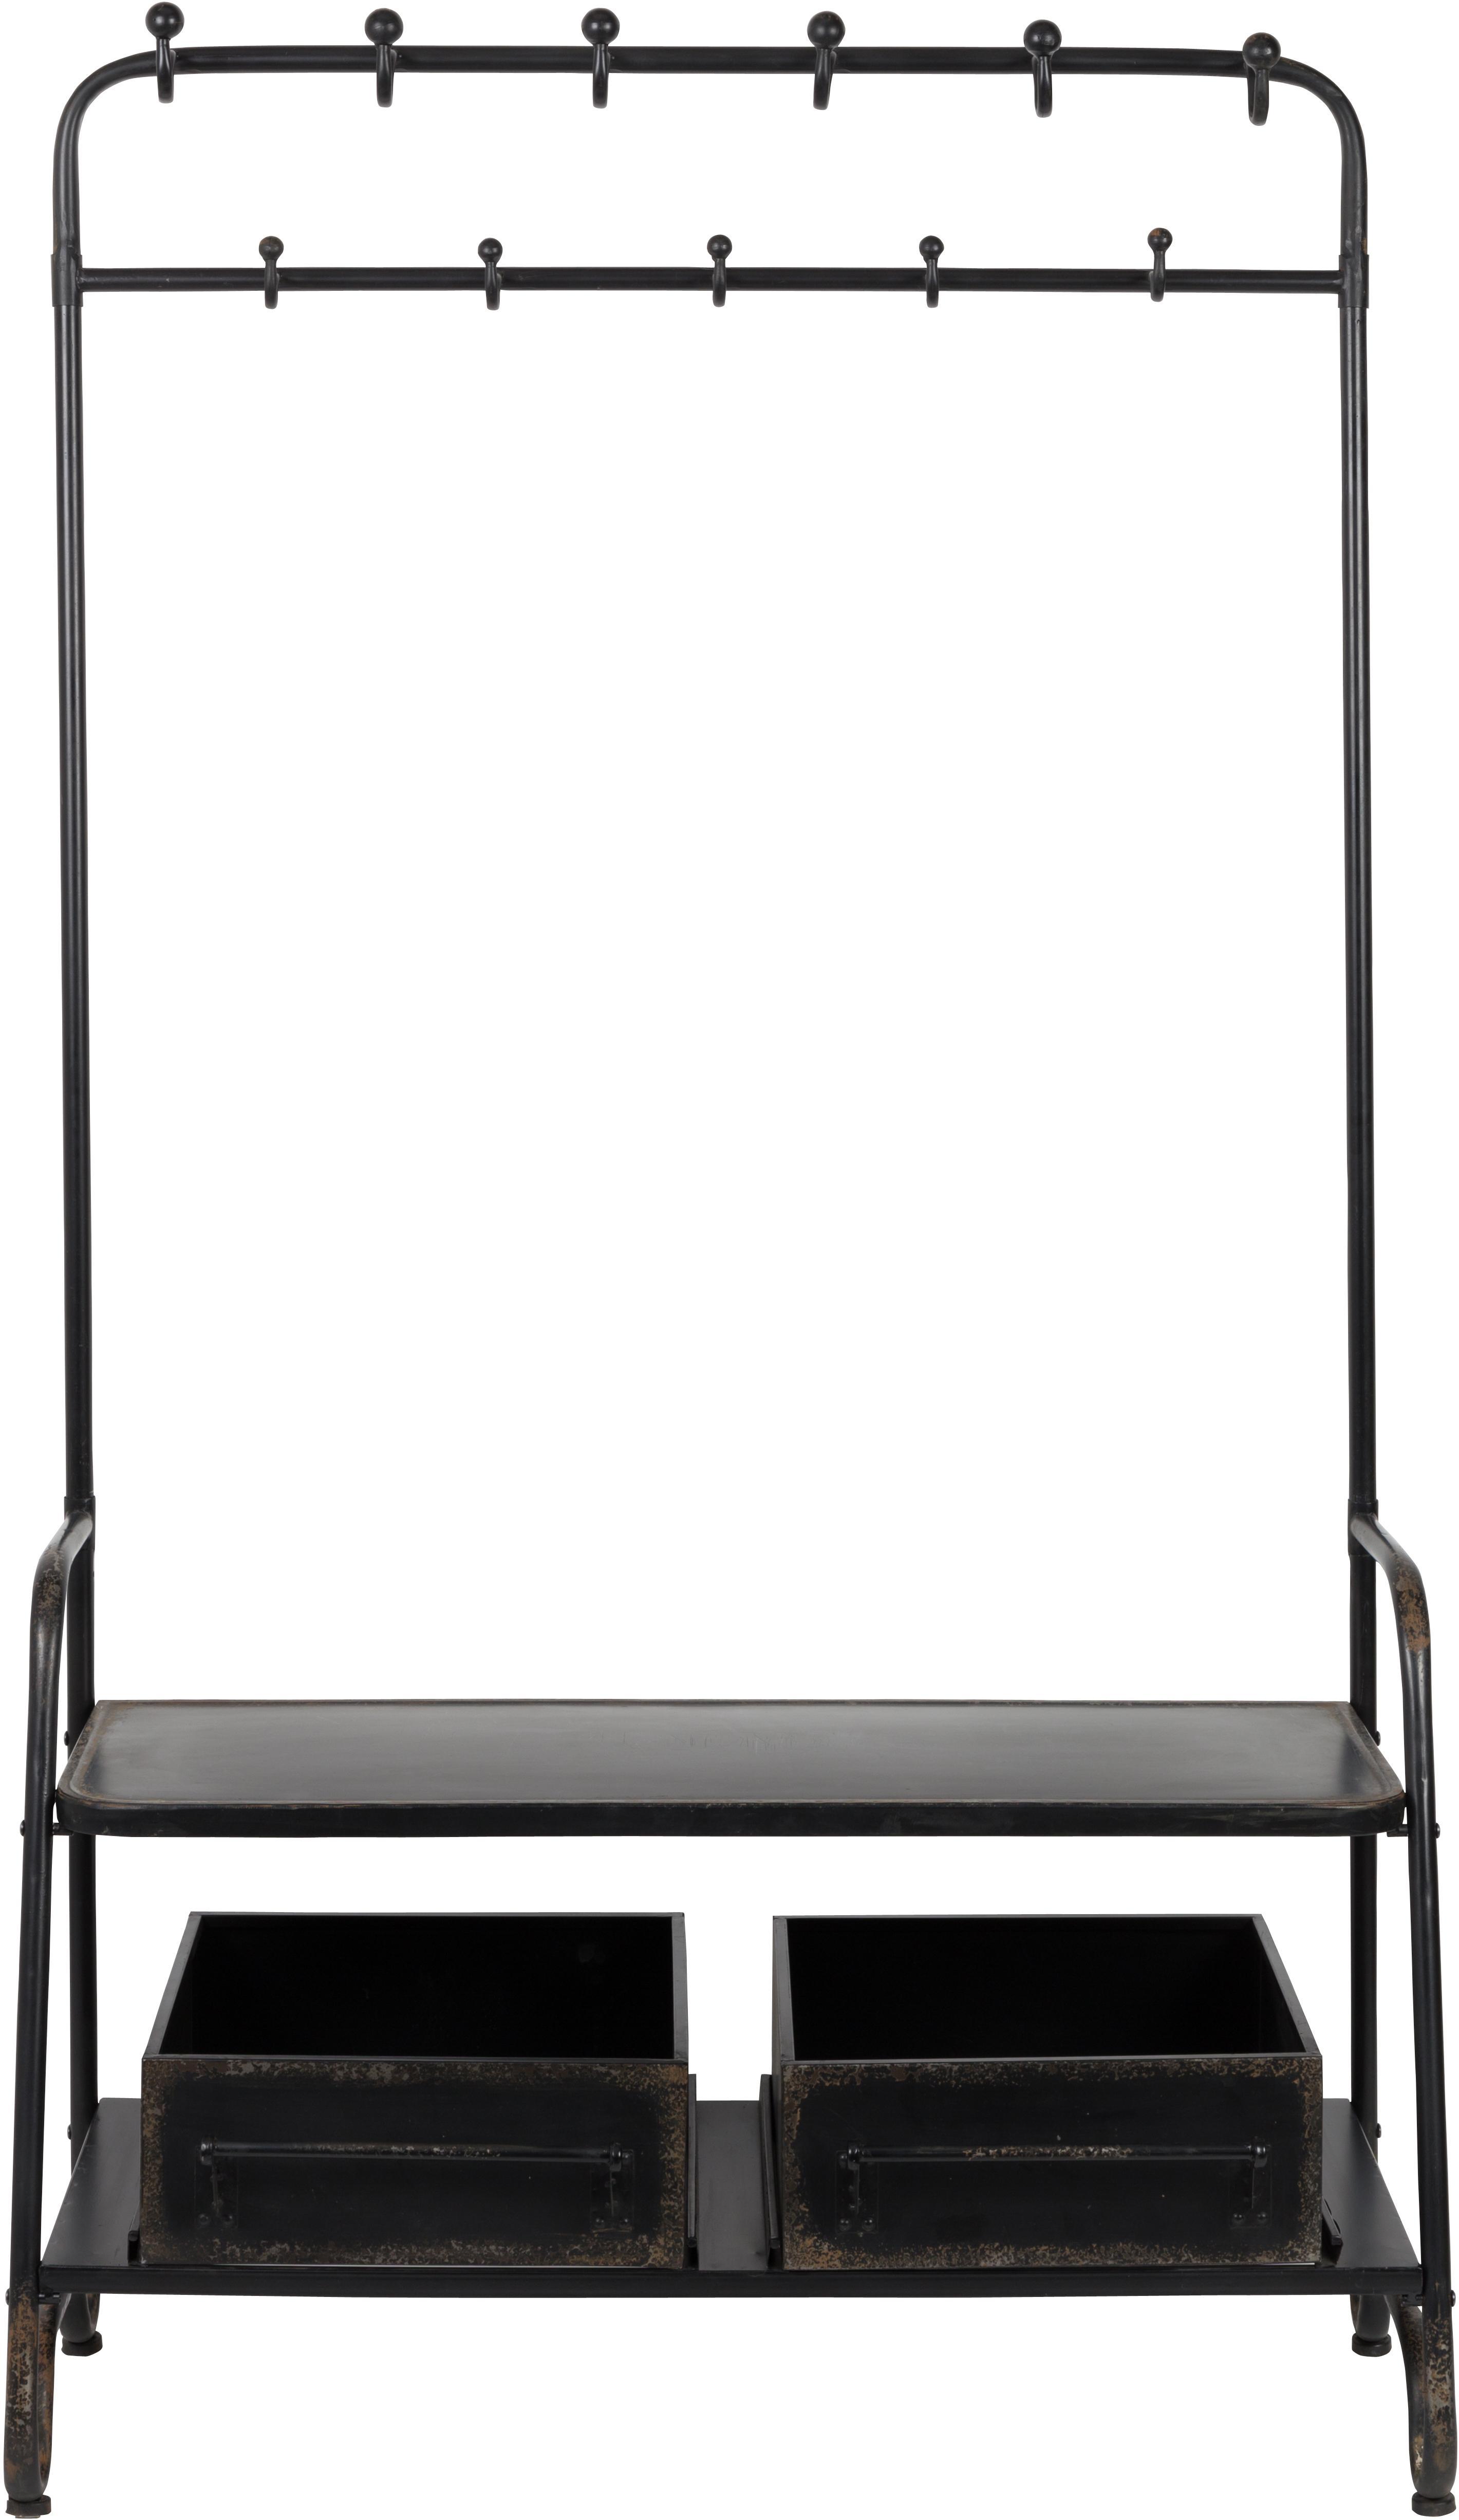 Garderoberek Lucius, Gepoedercoat metaal, Zwart, met bewust aangebrachte gebruikssporen, 104 x 182 cm